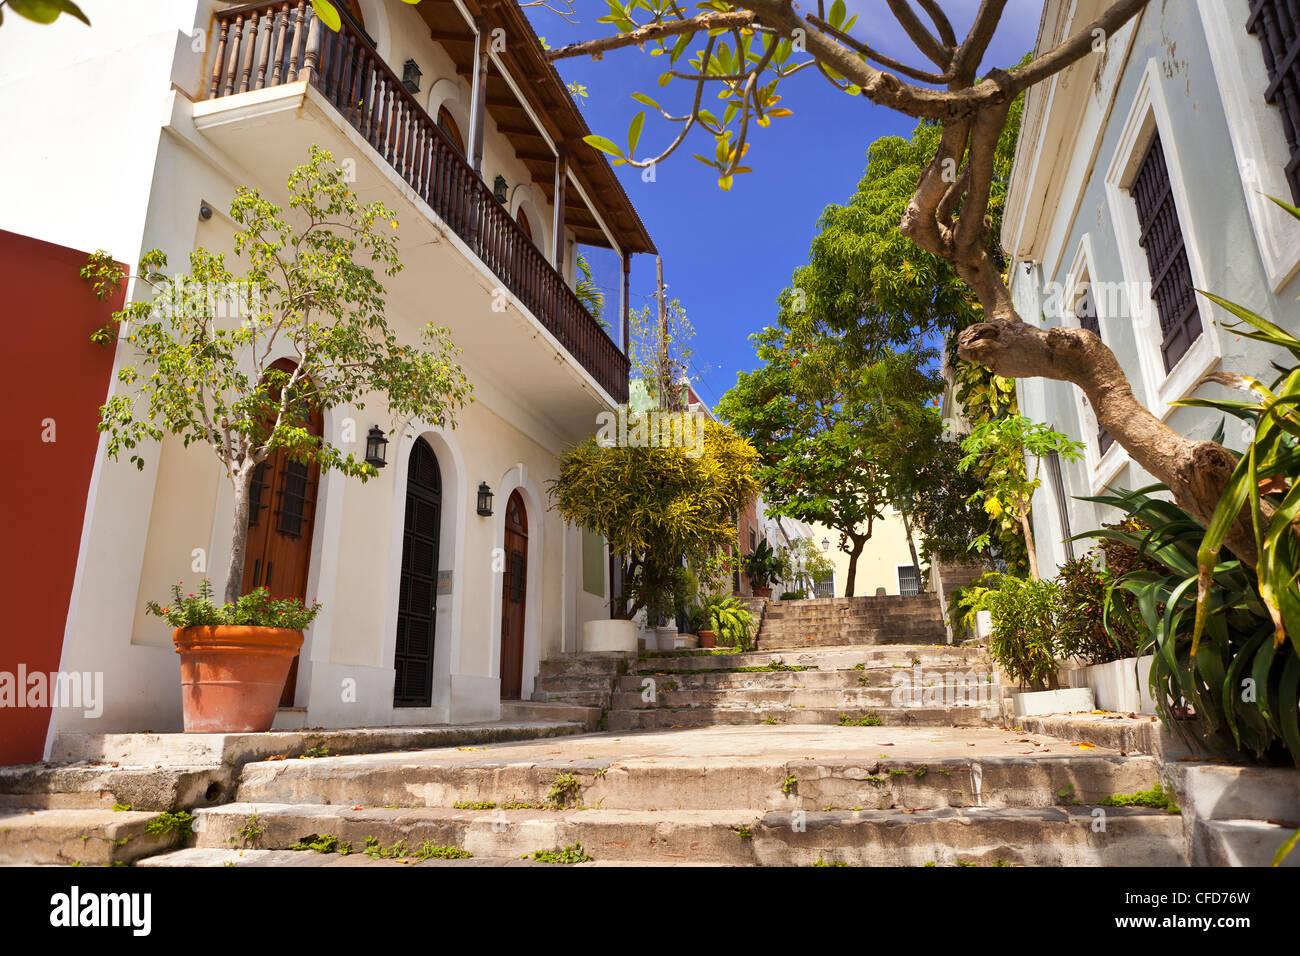 La vecchia San Juan, Puerto Rico - Charming plaza tra gli edifici con scale. Immagini Stock